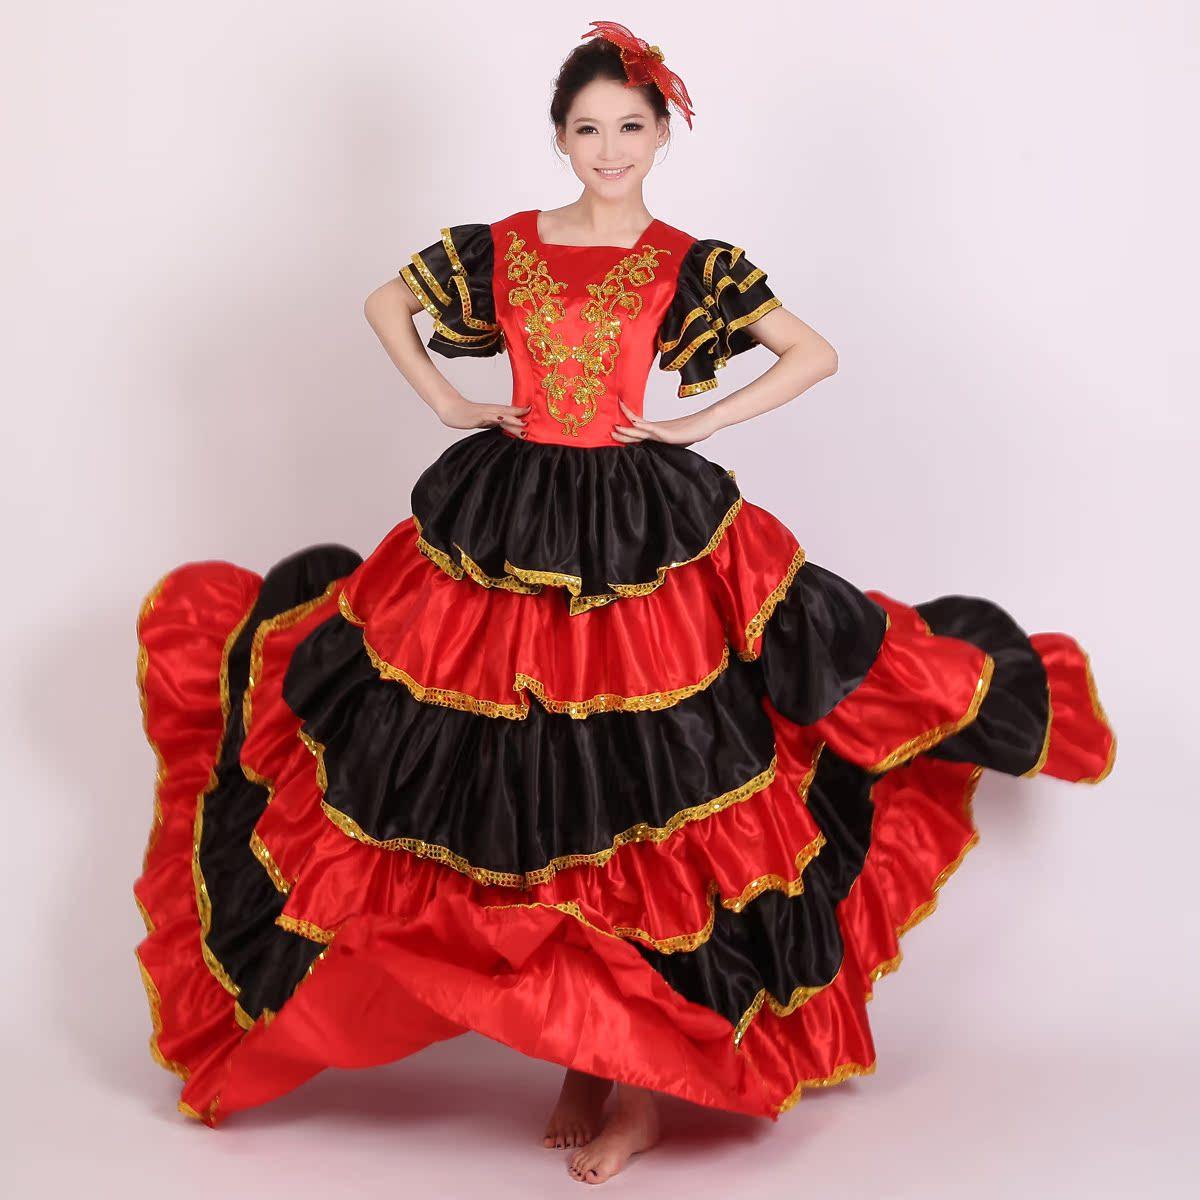 民族服装 舞台服装 古典服装 现代舞蹈演出服装 演出服 大合唱162